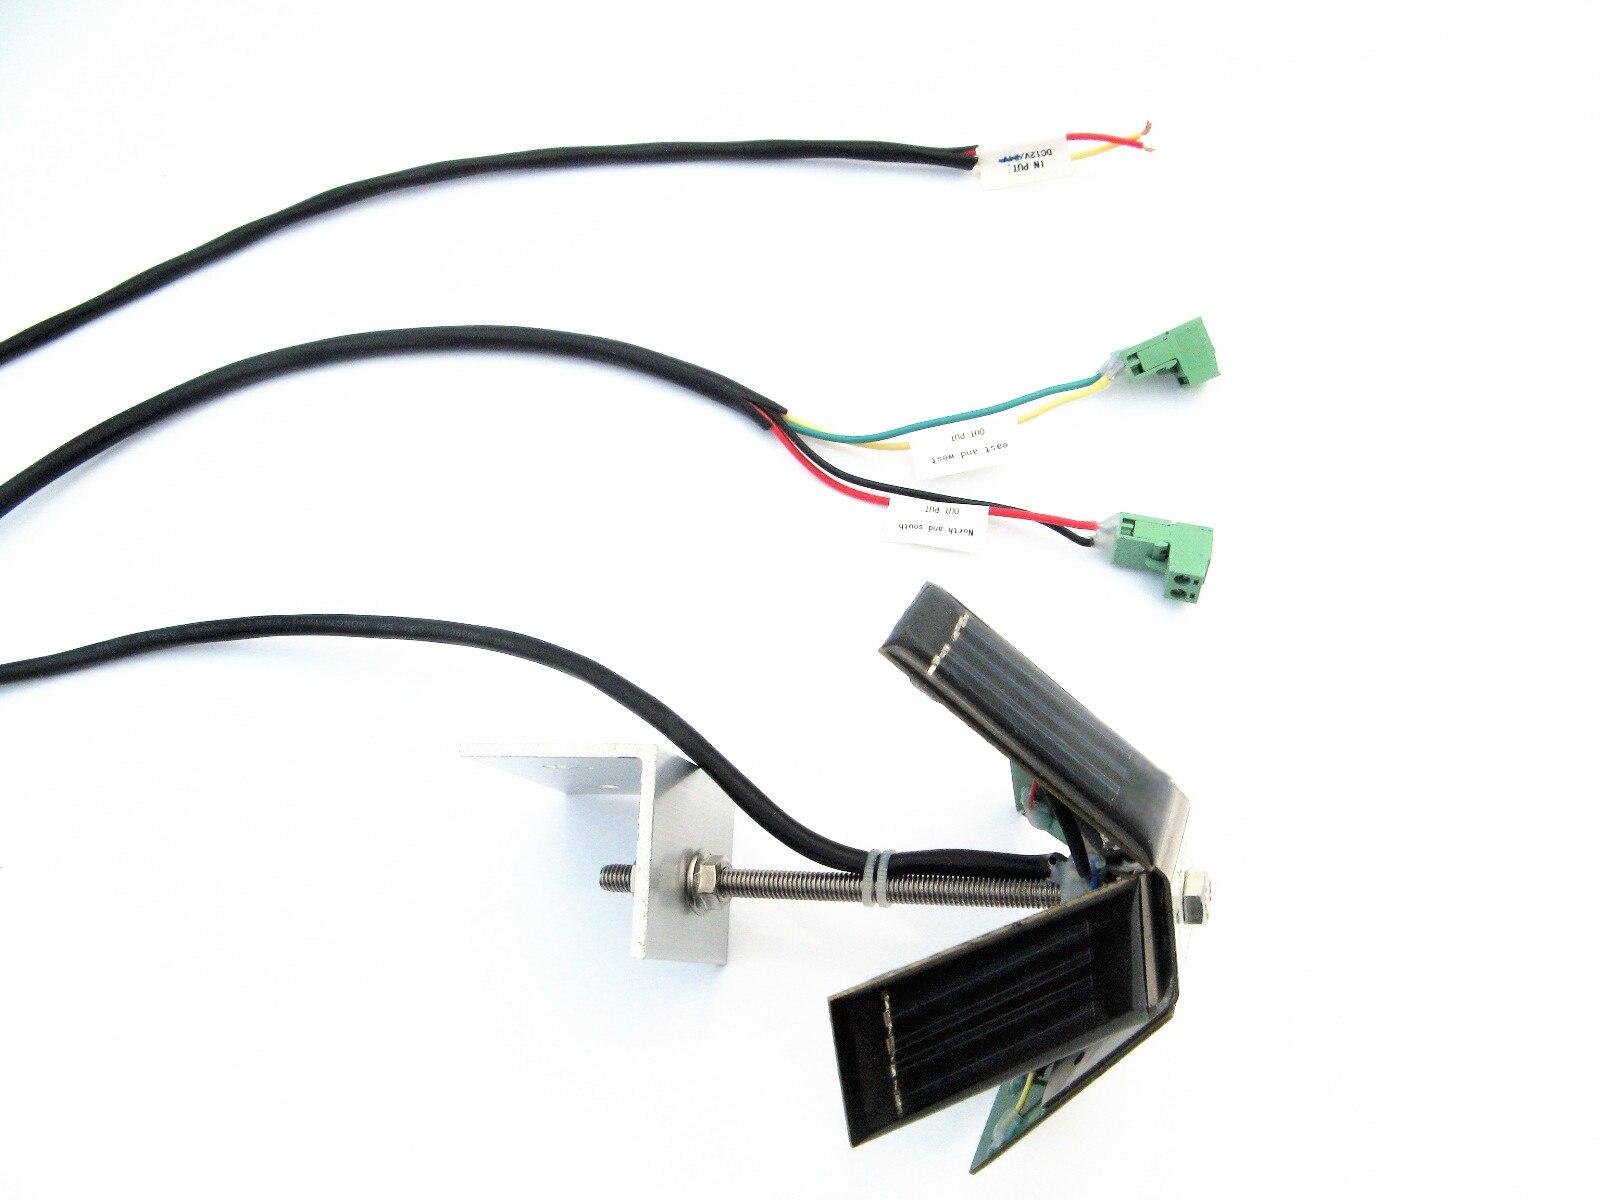 Luxury Linear Wire Tie Motif - Electrical Diagram Ideas - itseo.info